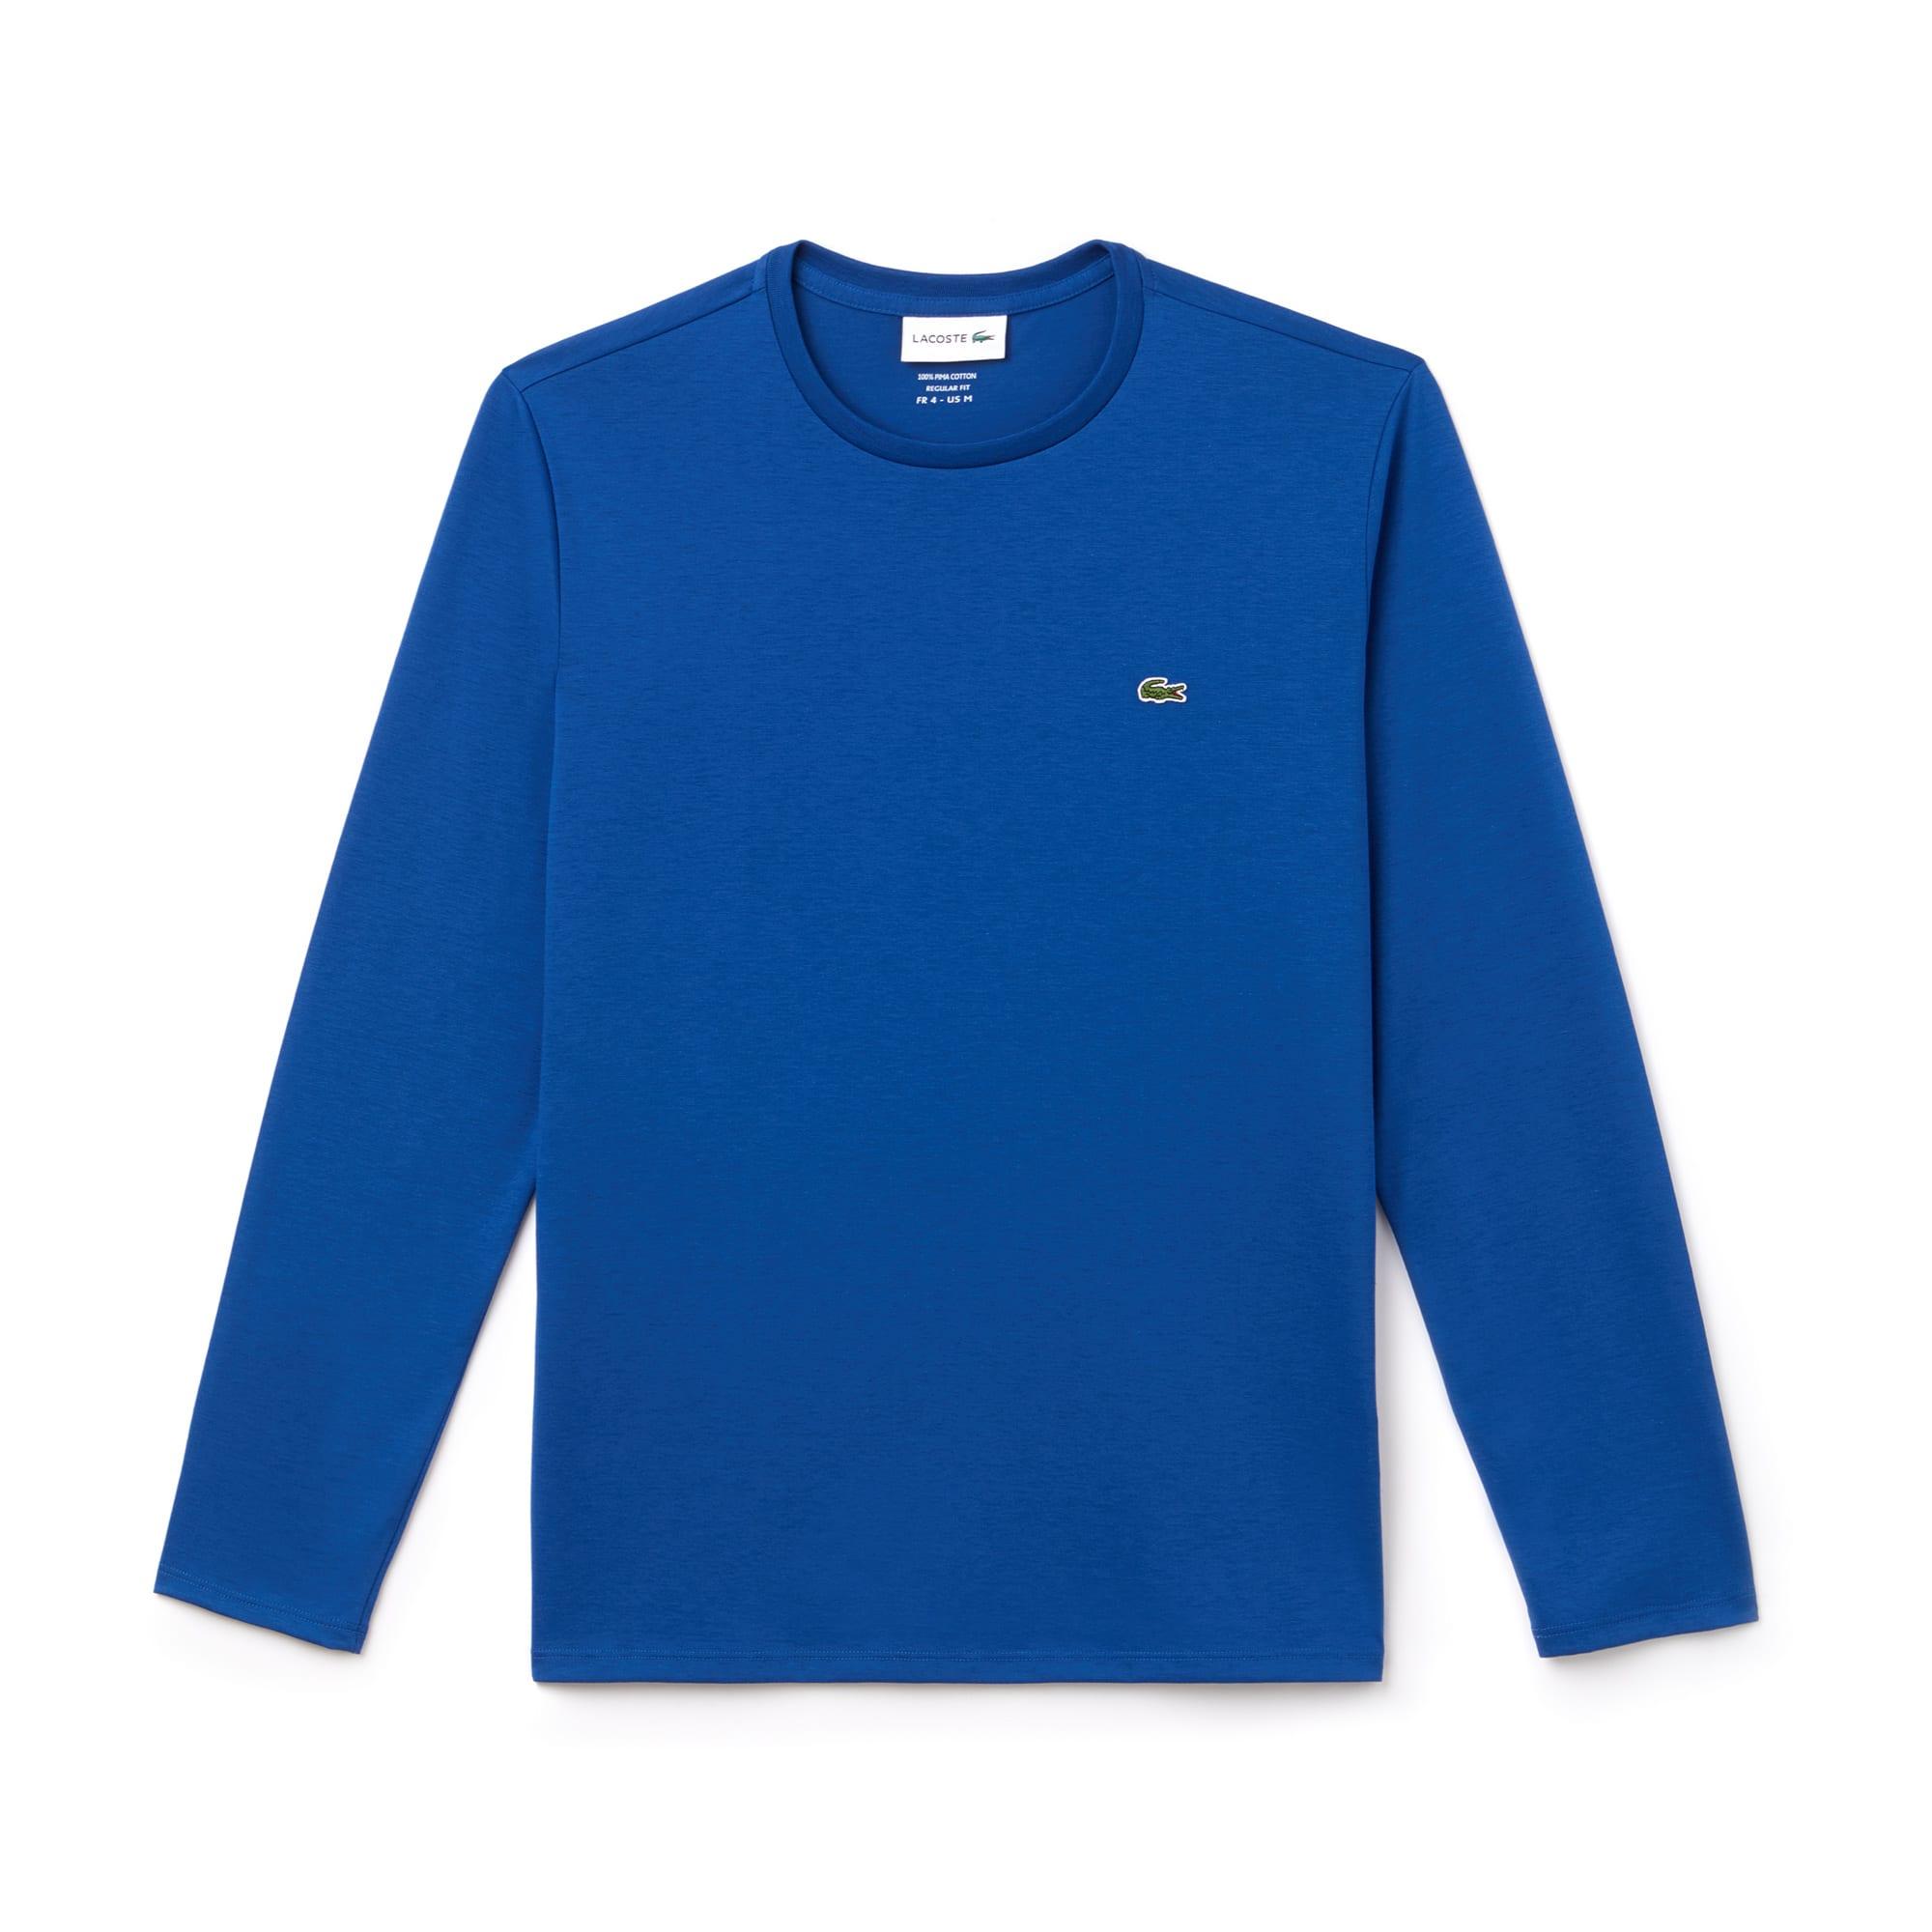 라코스테 긴팔 티셔츠 Lacoste Mens Crew Neck Pima Cotton Jersey T-shirt,electric